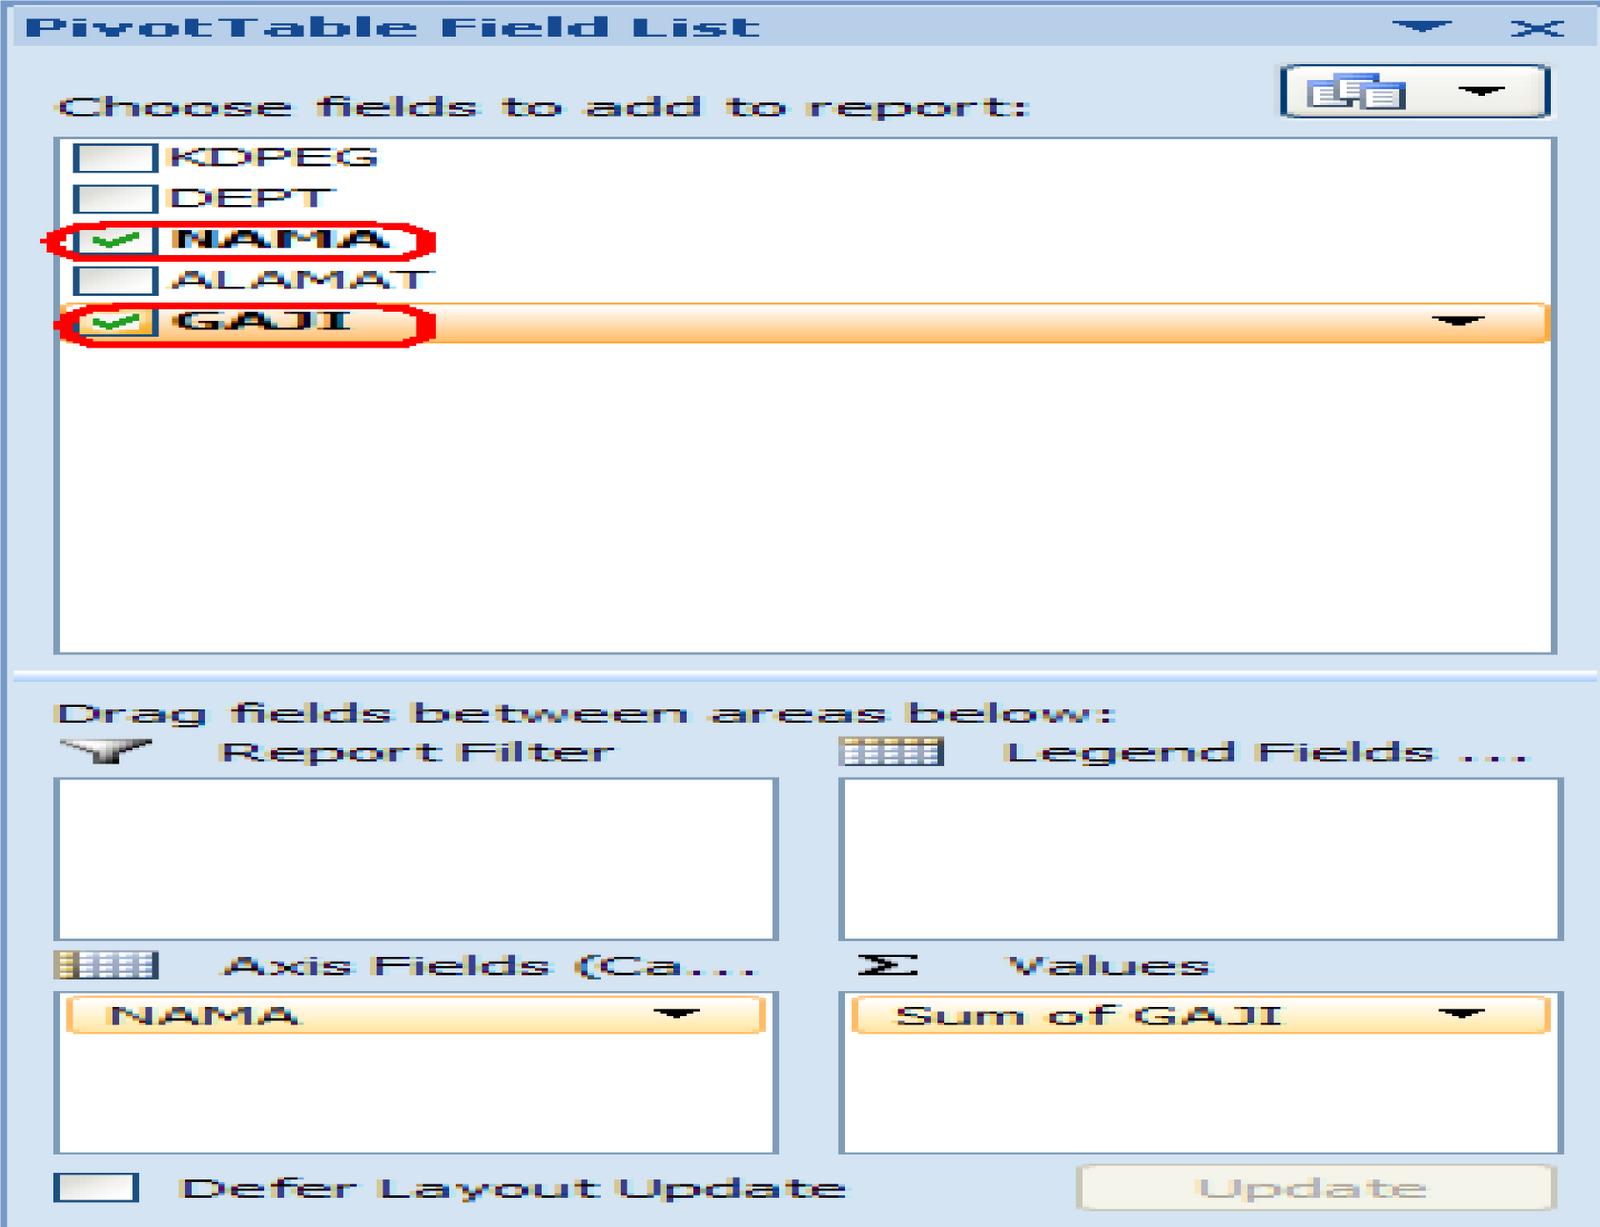 Contoh Makalah: Database di Microsoft Excell 2007